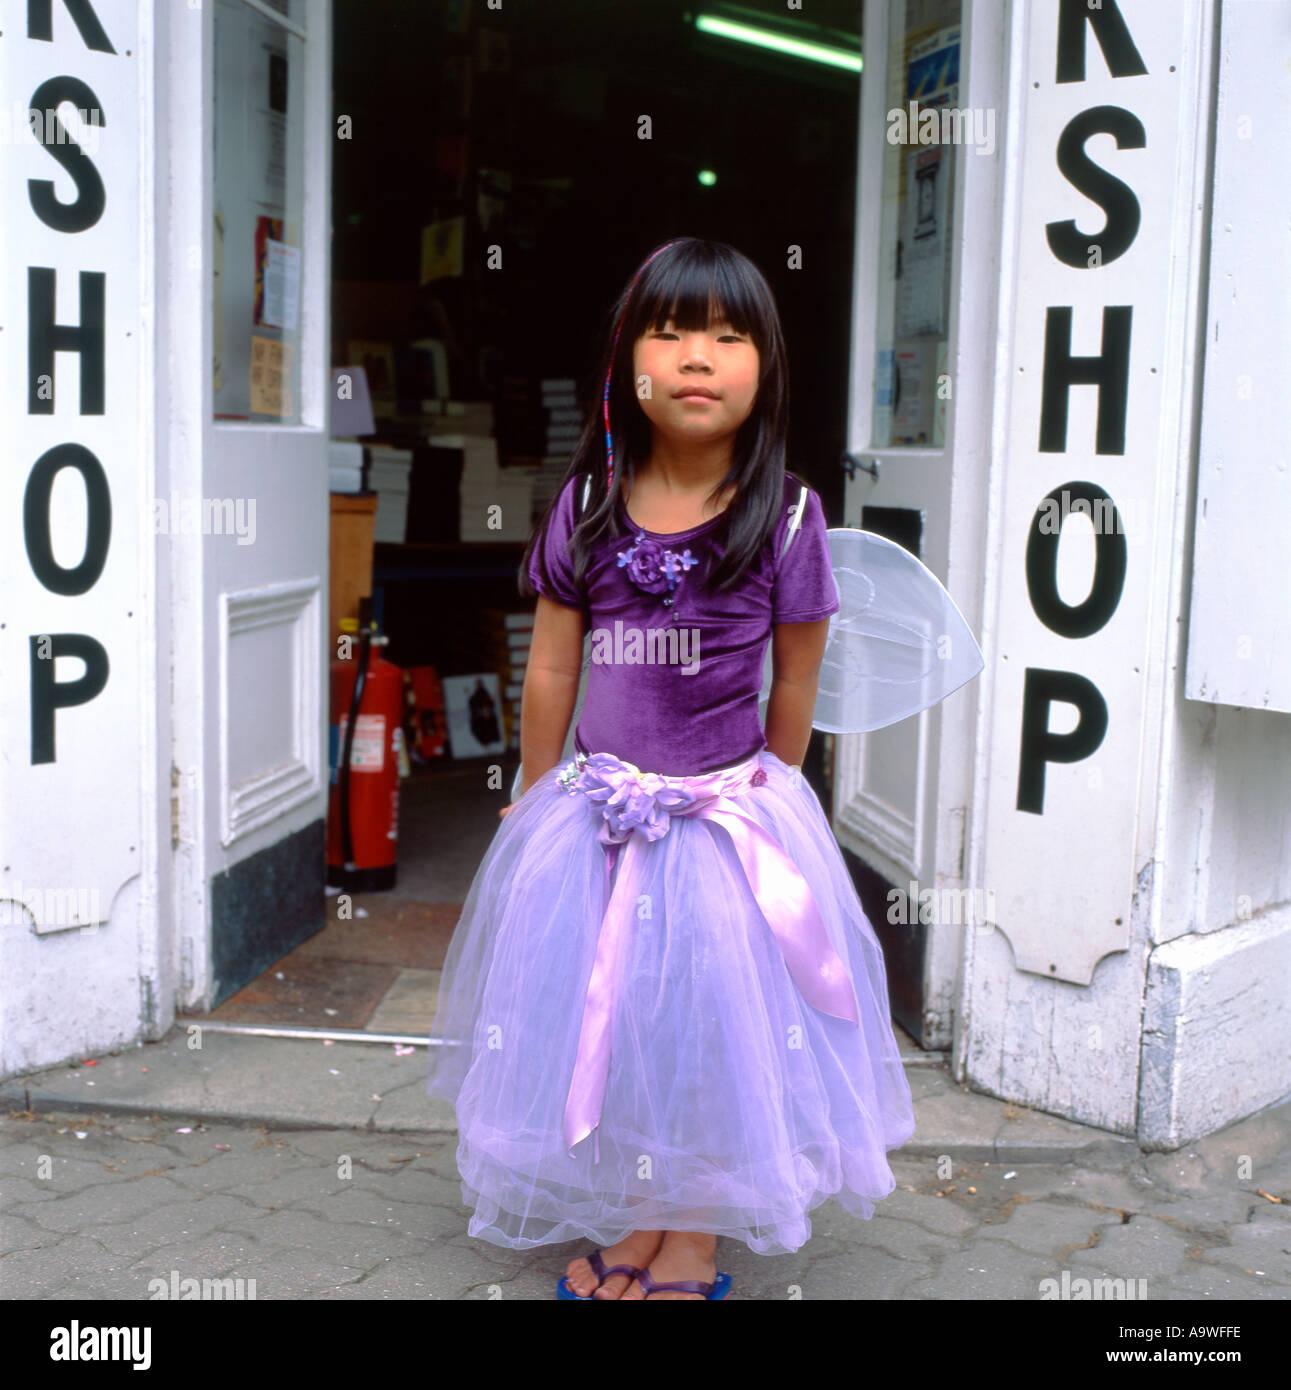 Moderno Uk Vestidos De Dama Basada Ornamento - Vestido de Novia Para ...